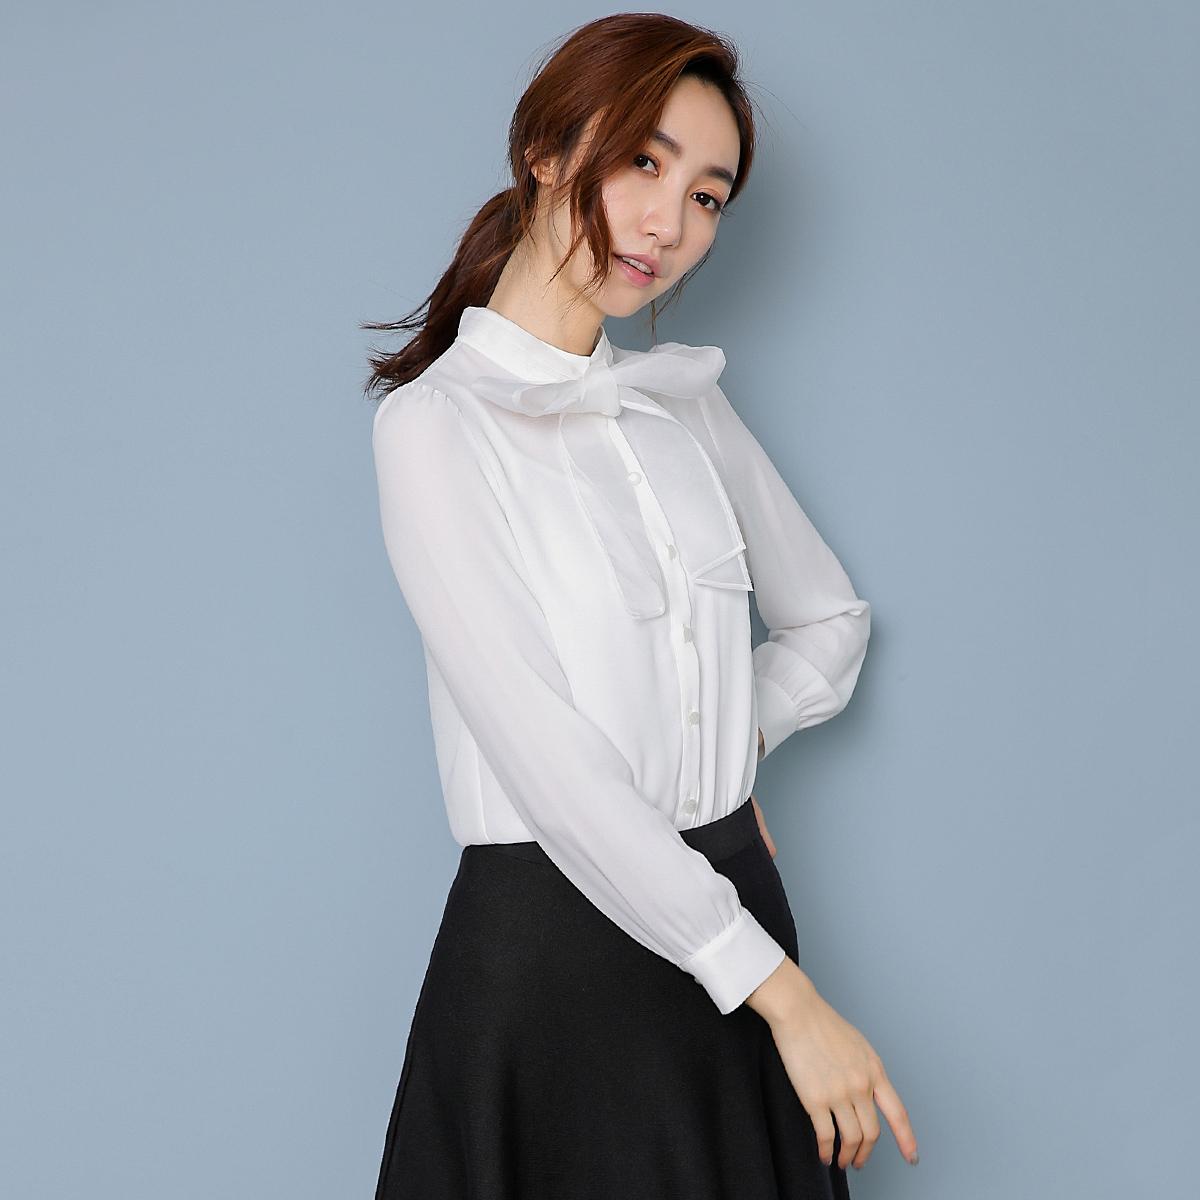 拉夏貝爾女裝品牌店圖片